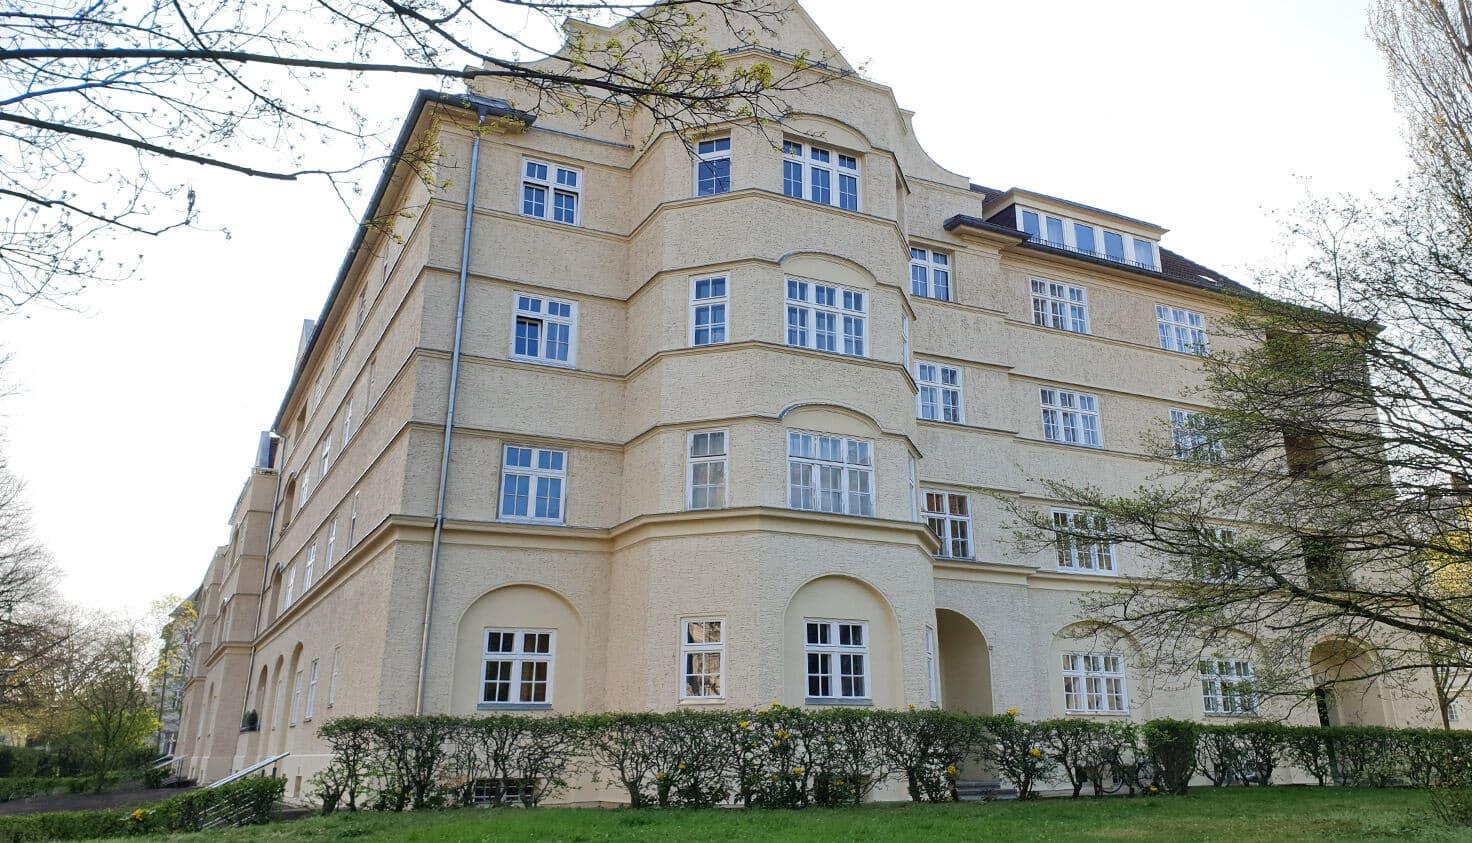 10-Sanierung-von-Altbaufenstern-referenz-malerbetrieb-kluge-berlin.jpg